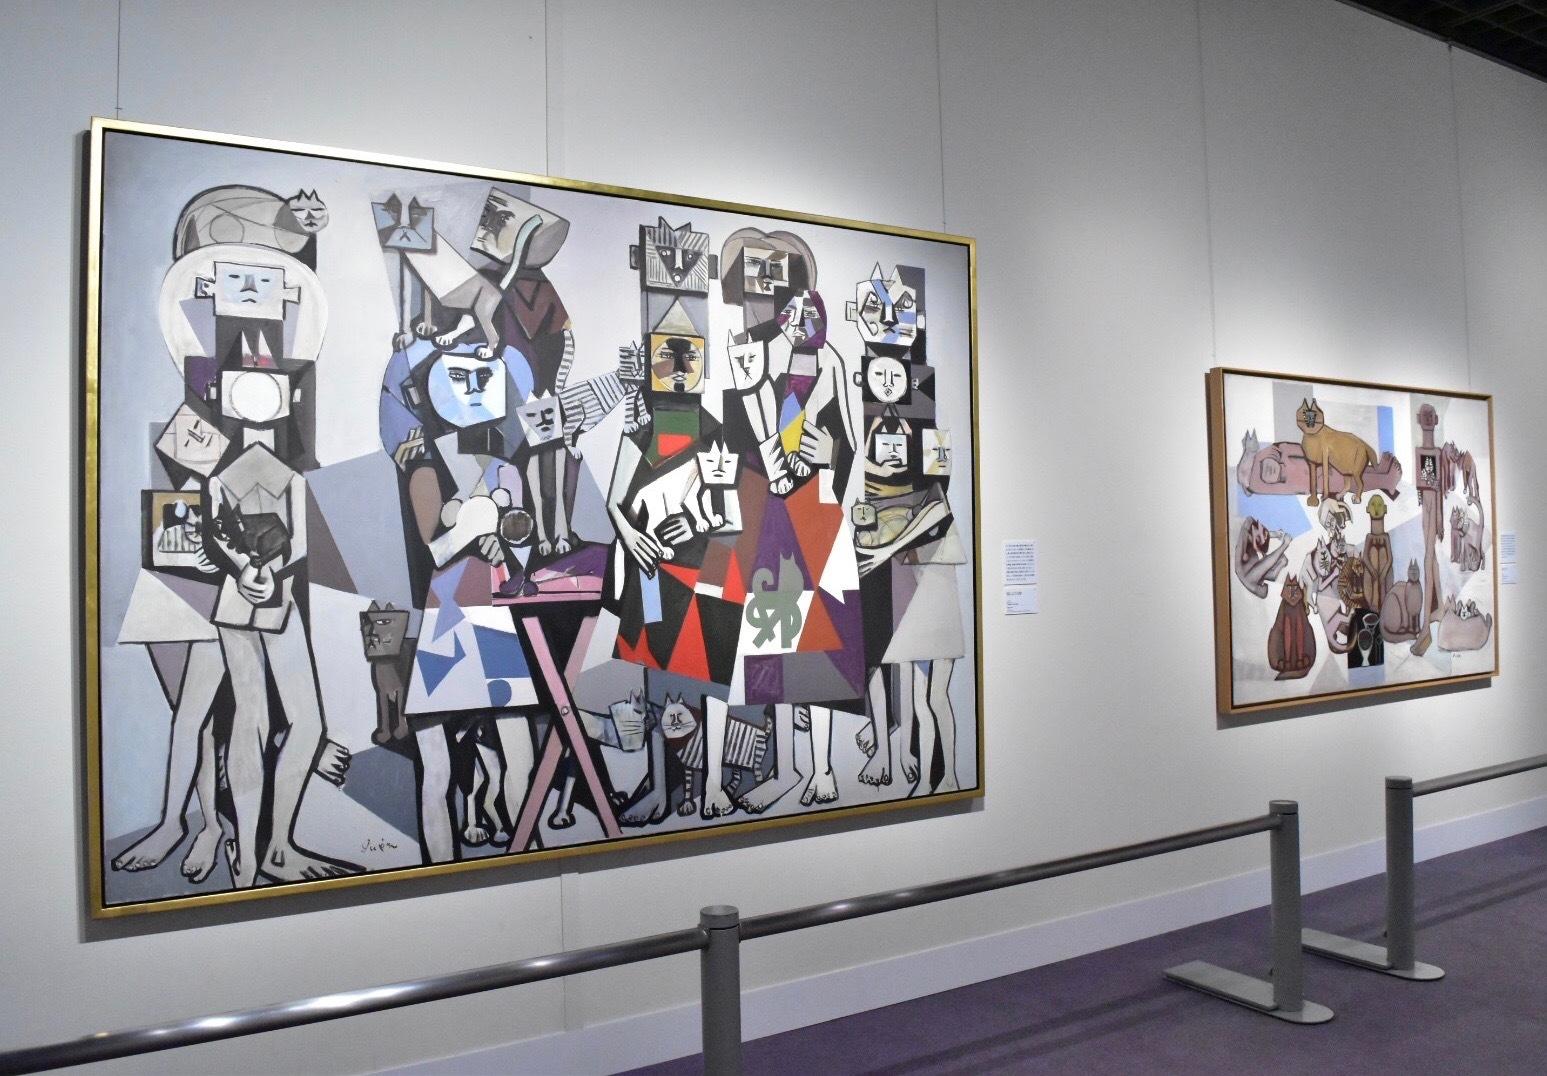 左:《猫によせる歌》 猪熊弦一郎 1952年 丸亀市猪熊弦一郎現代美術館